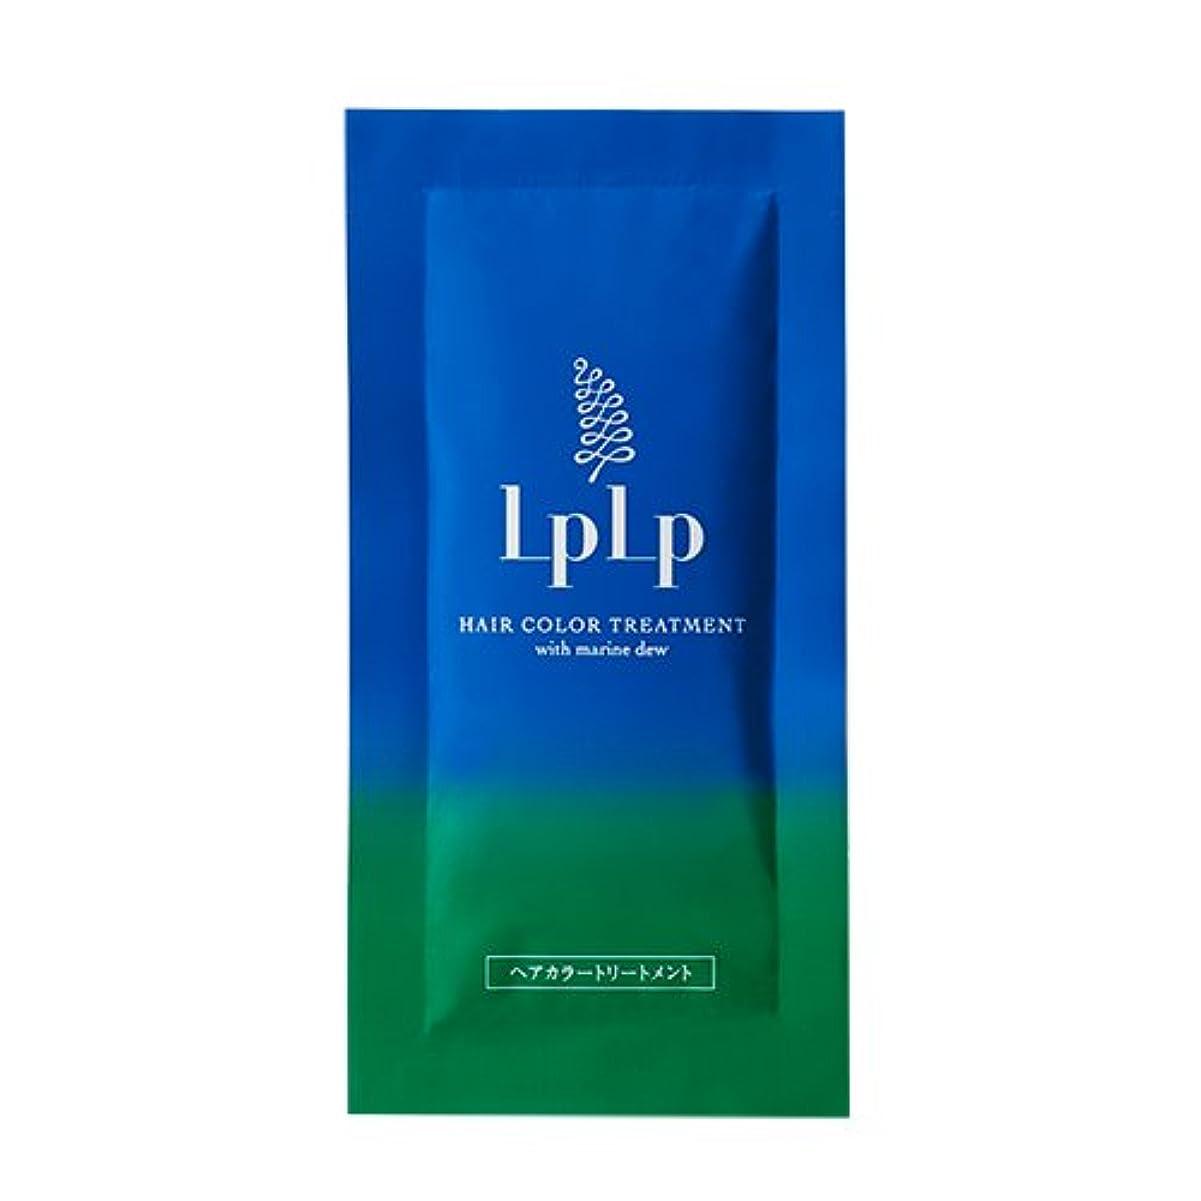 スプーン出発欠伸LPLP(ルプルプ)ヘアカラートリートメントお試しパウチ ダークブラウン